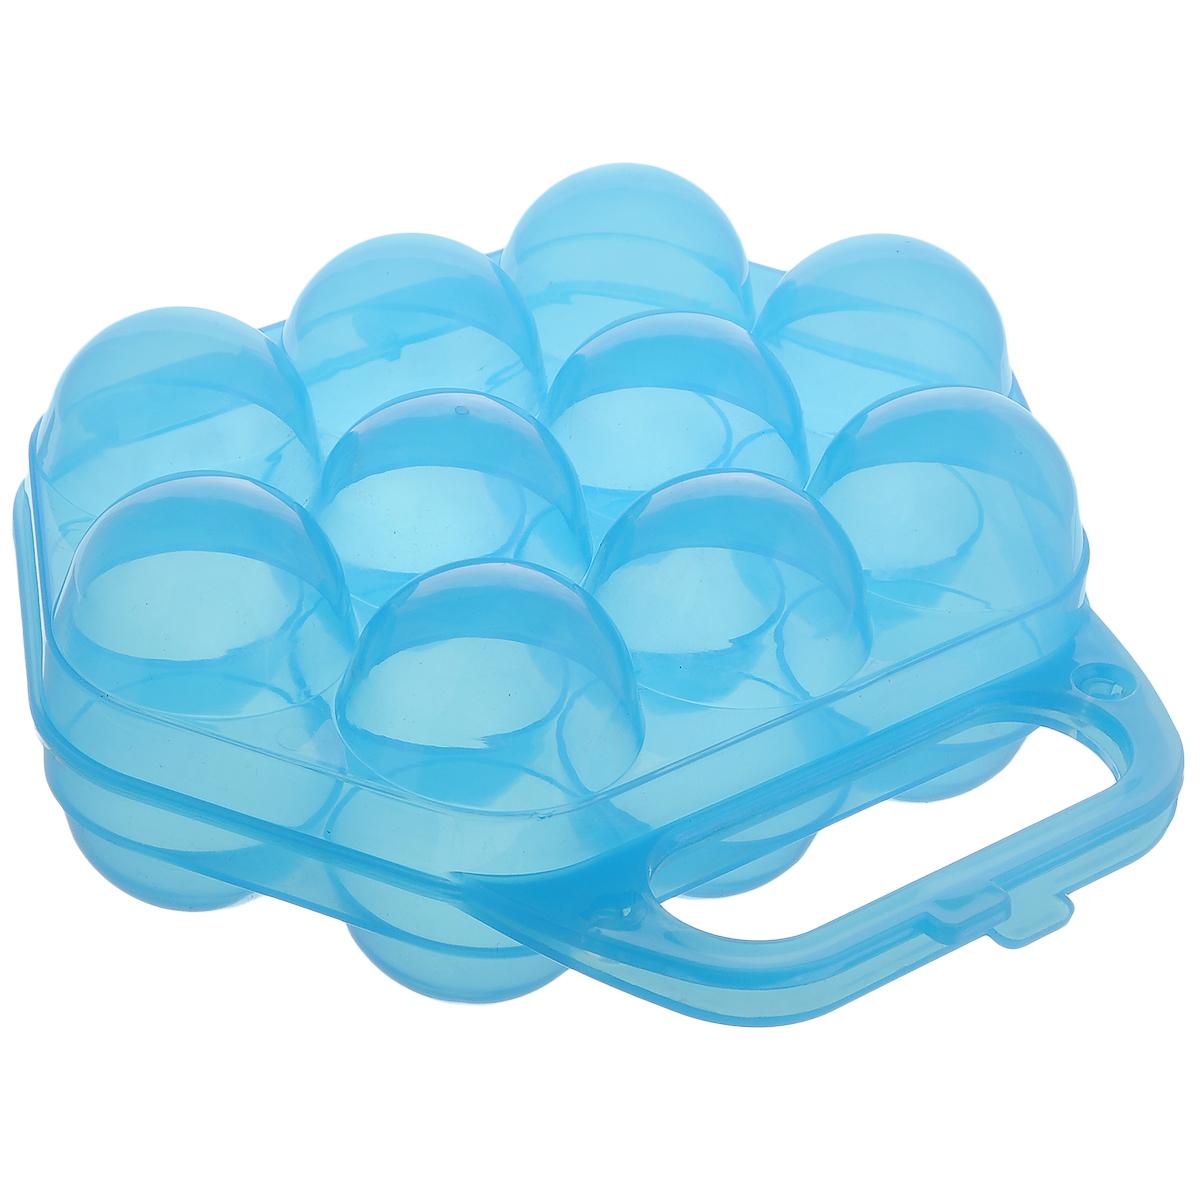 Контейнер для яиц Idea, на 10 шт, цвет: прозрачный синий, 20 х 19 х 7,5 смМ 1210Контейнер Idea, изготовленный из пищевого пластика, выполнен в виде чемоданчика и снабжен специальными ячейками для 10 яиц. Надежный защелкивающийся замок предотвратит случайное раскрытие контейнера. Изделие не занимает много места, что очень удобно при транспортировке и хранении. Размер контейнера: 20 х 19 х 7,5 см. Диаметр ячейки: 4,3 см.